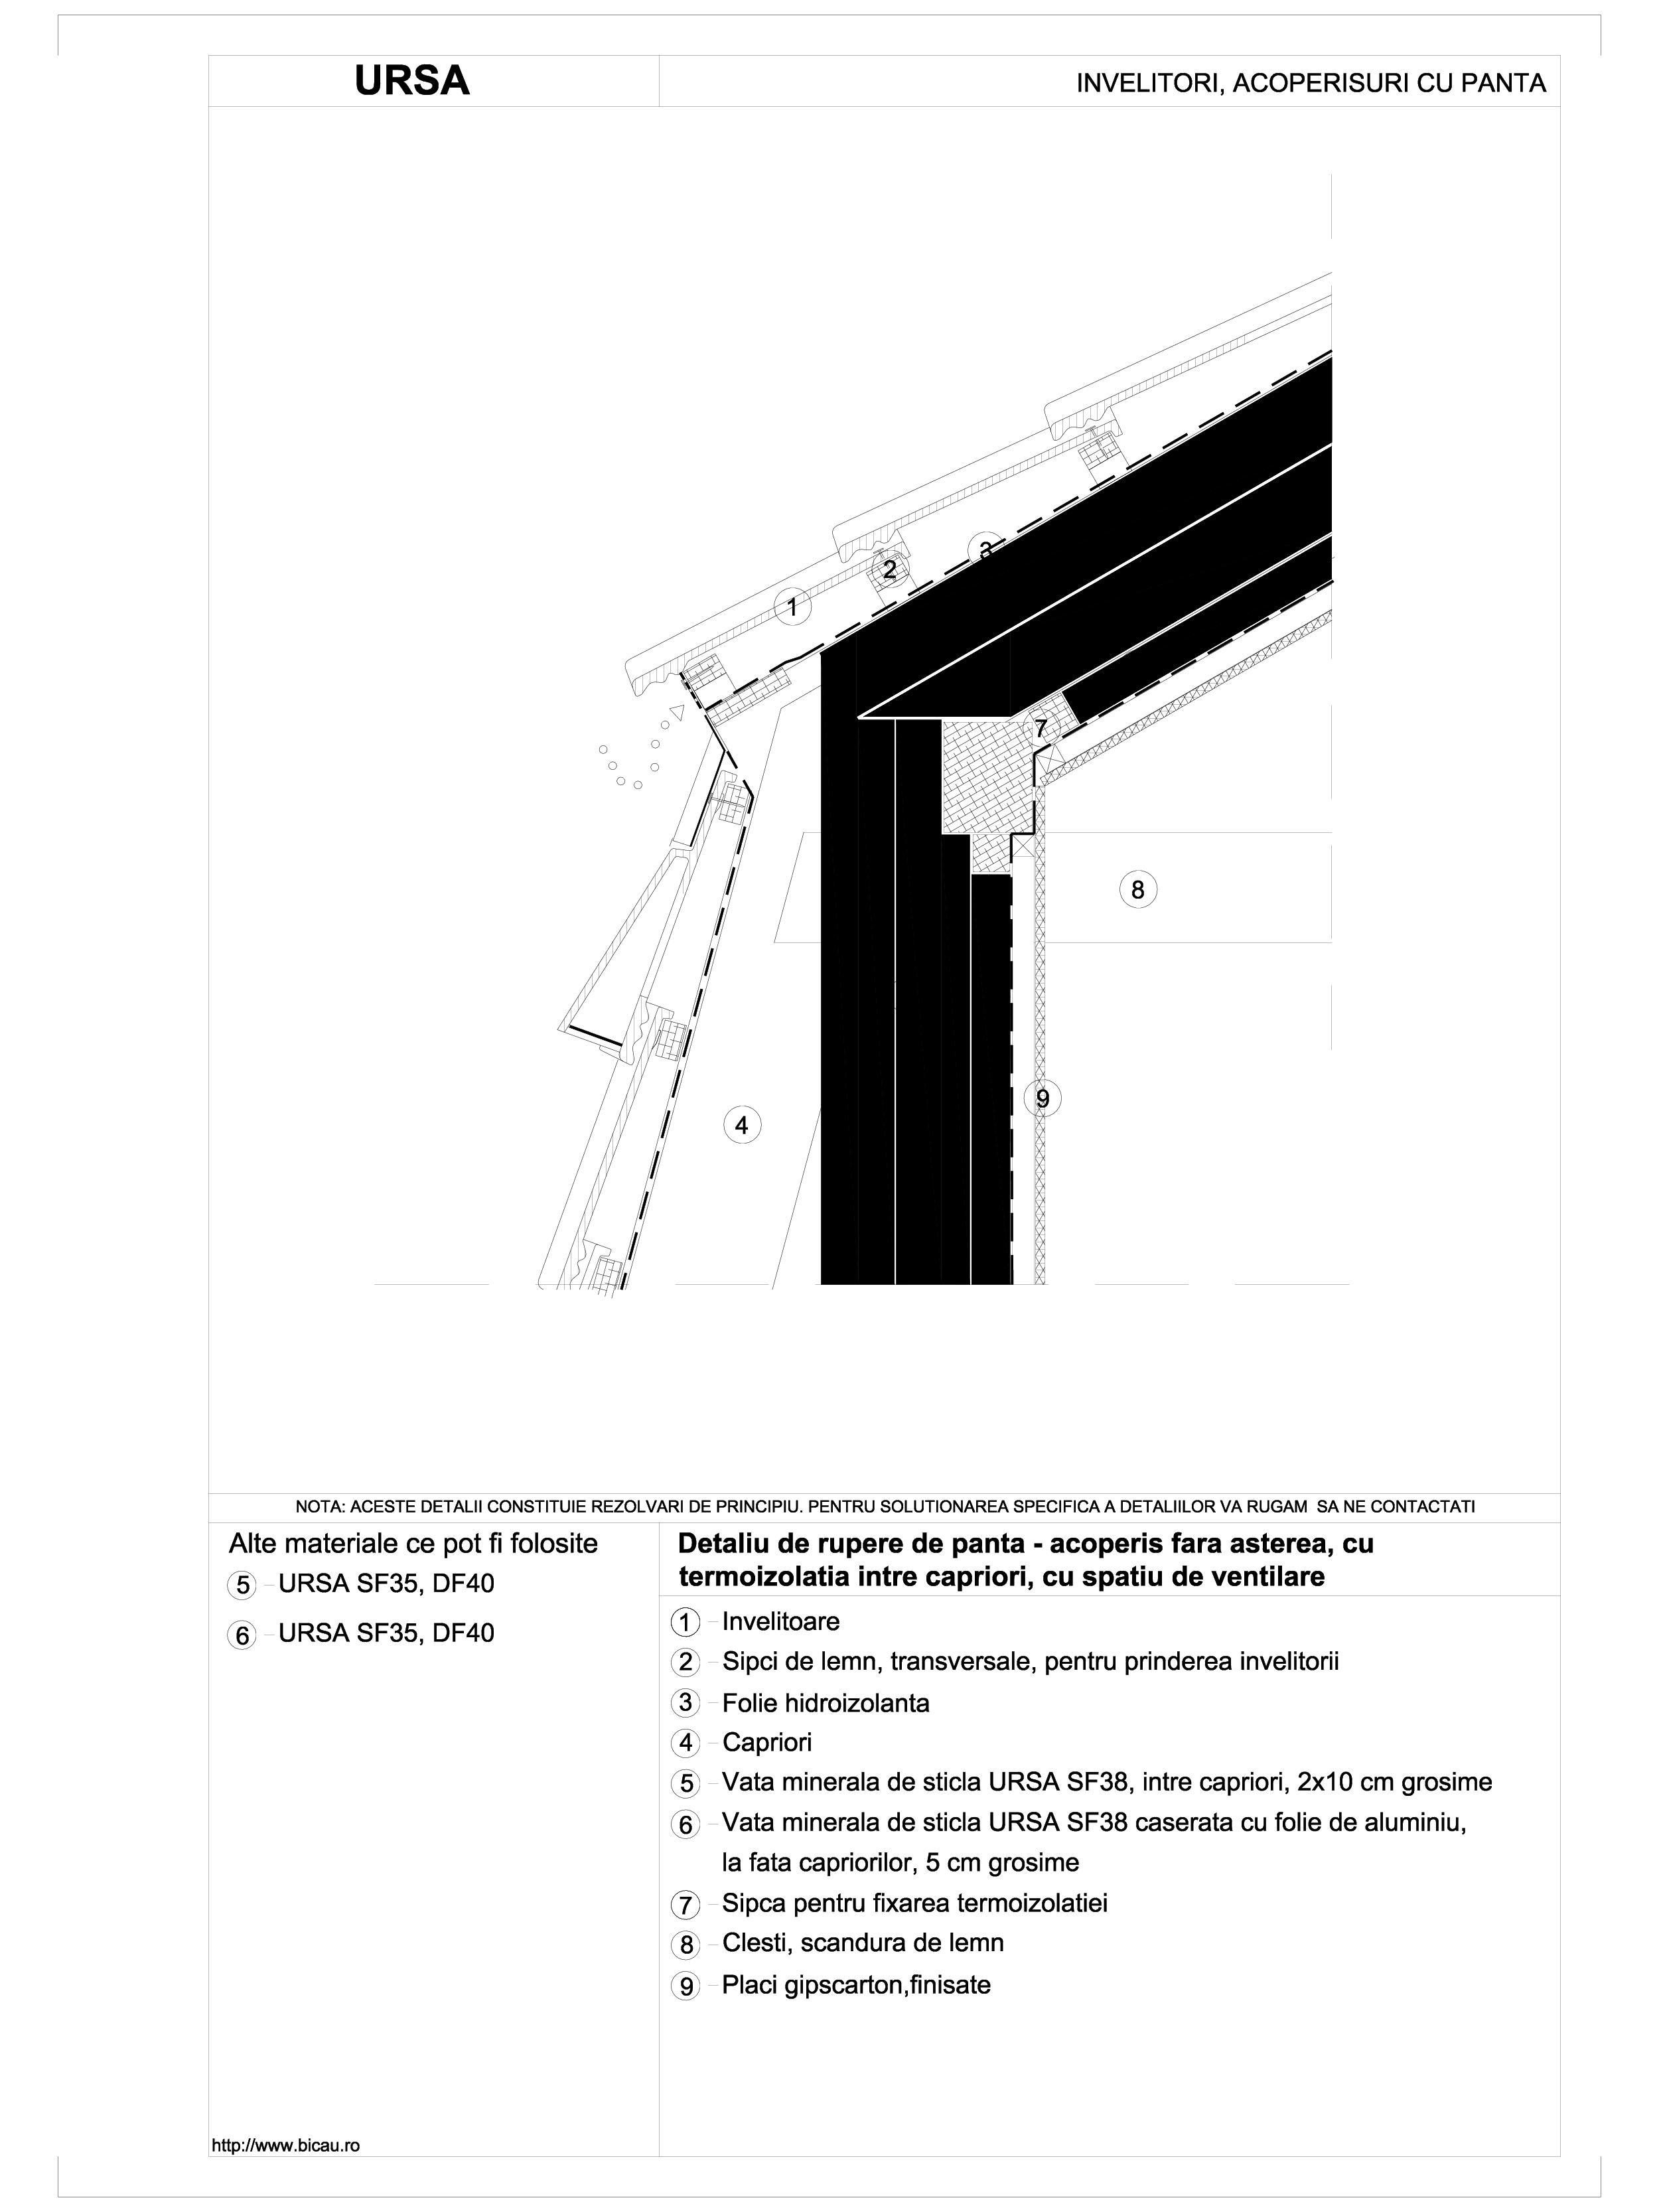 Detaliu de rupere de panta - acoperis fara asterea, cu termoizolatia intre capriori, cu spatiu de ventilare URSA Vata minerala pentru acoperisuri si mansarde URSA ROMANIA   - Pagina 1